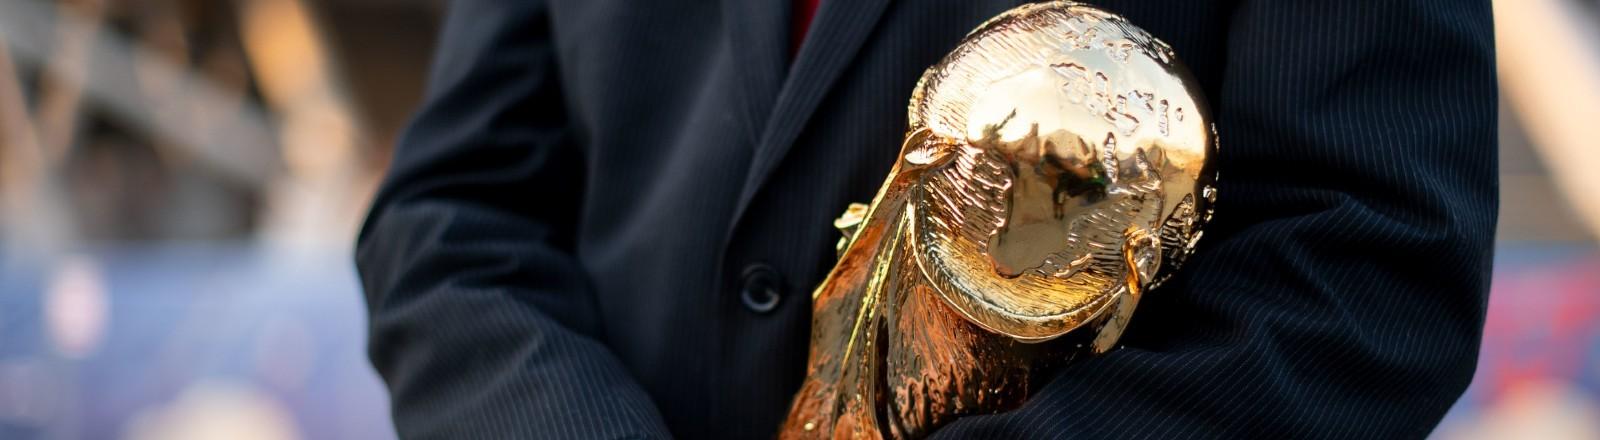 Fifa-WM-Pokal